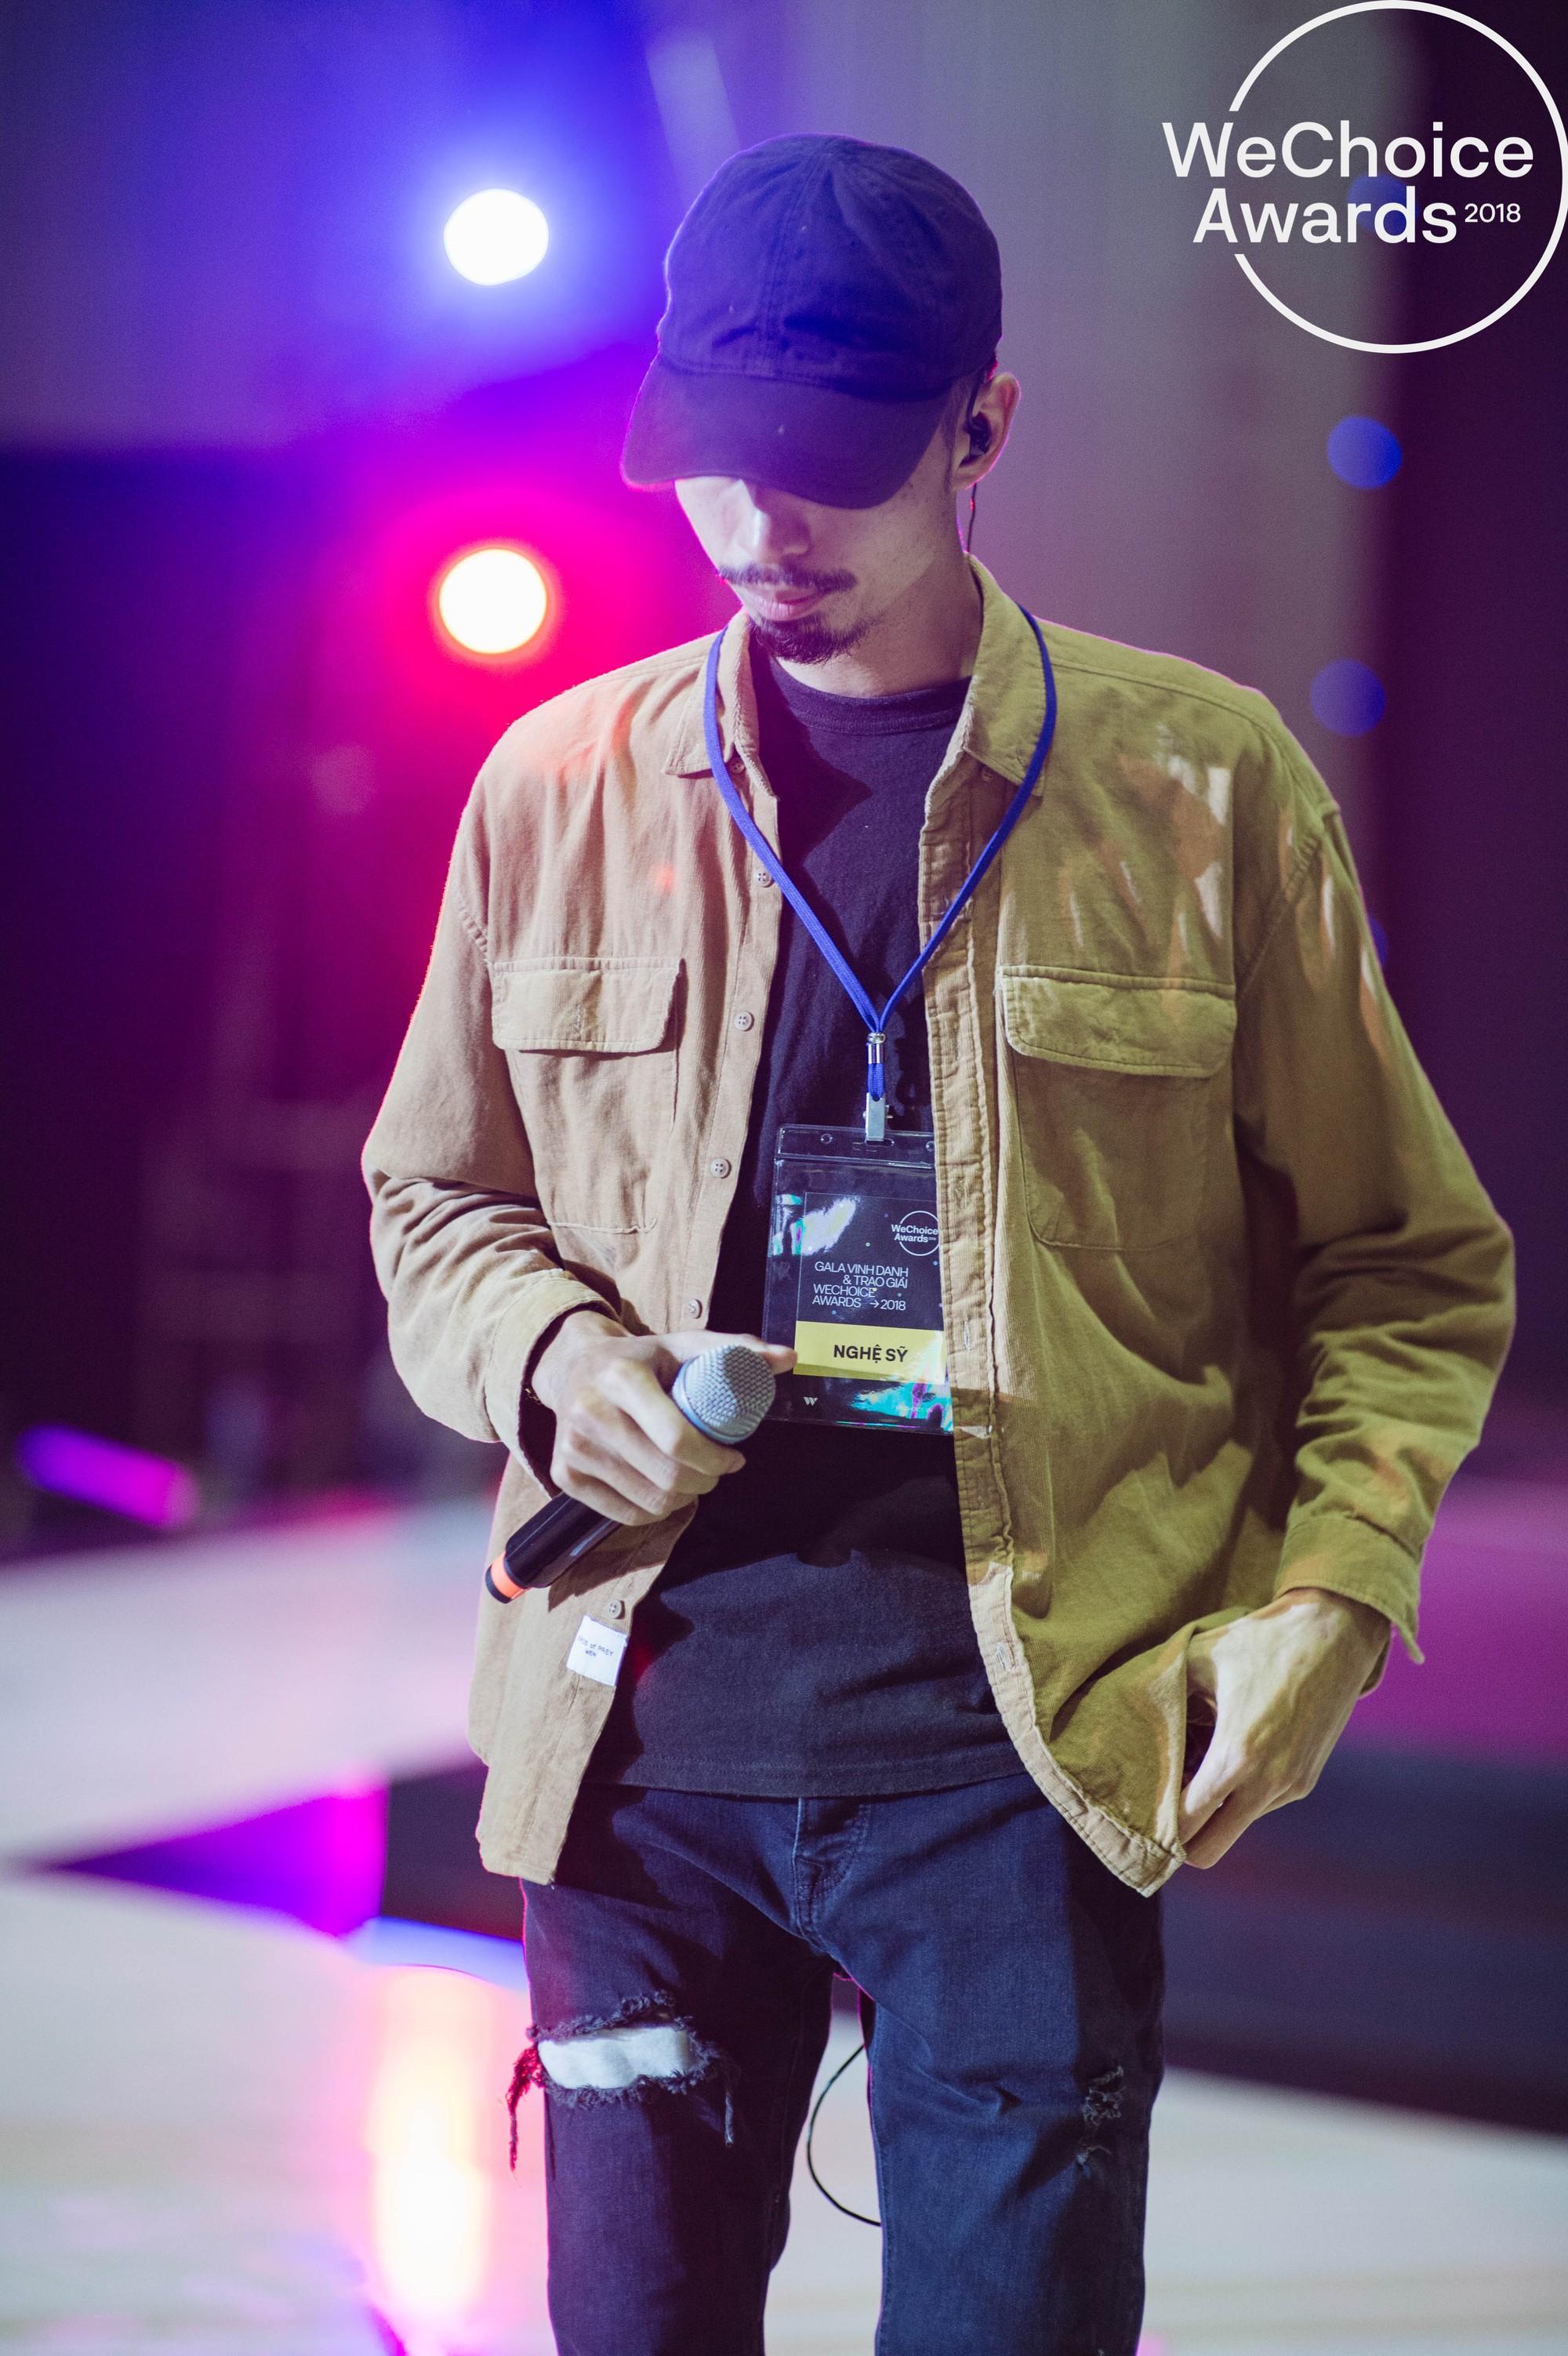 Trước giờ G, ngắm loạt khoảnh khắc đầy cảm xúc của dàn nghệ sĩ tại buổi tổng duyệt Gala Wechoice Awards 2018 - Ảnh 6.